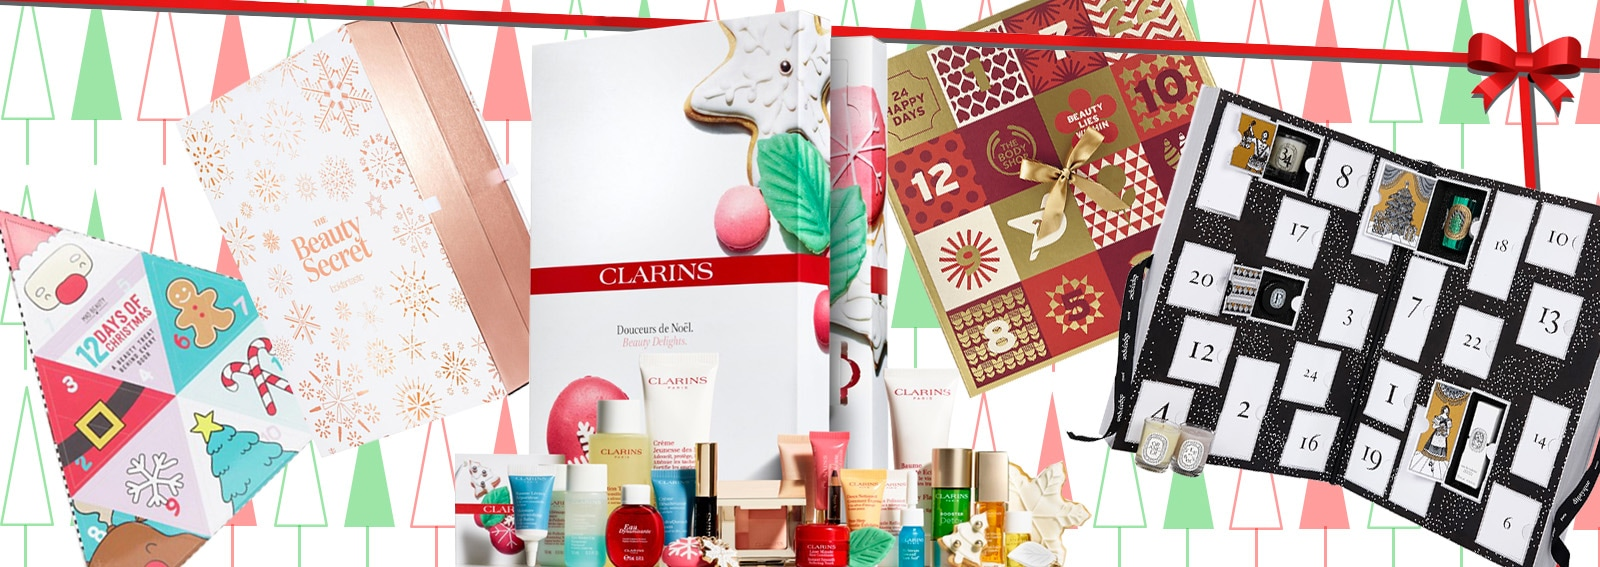 calendari dell'avvento beauty collage_desktop